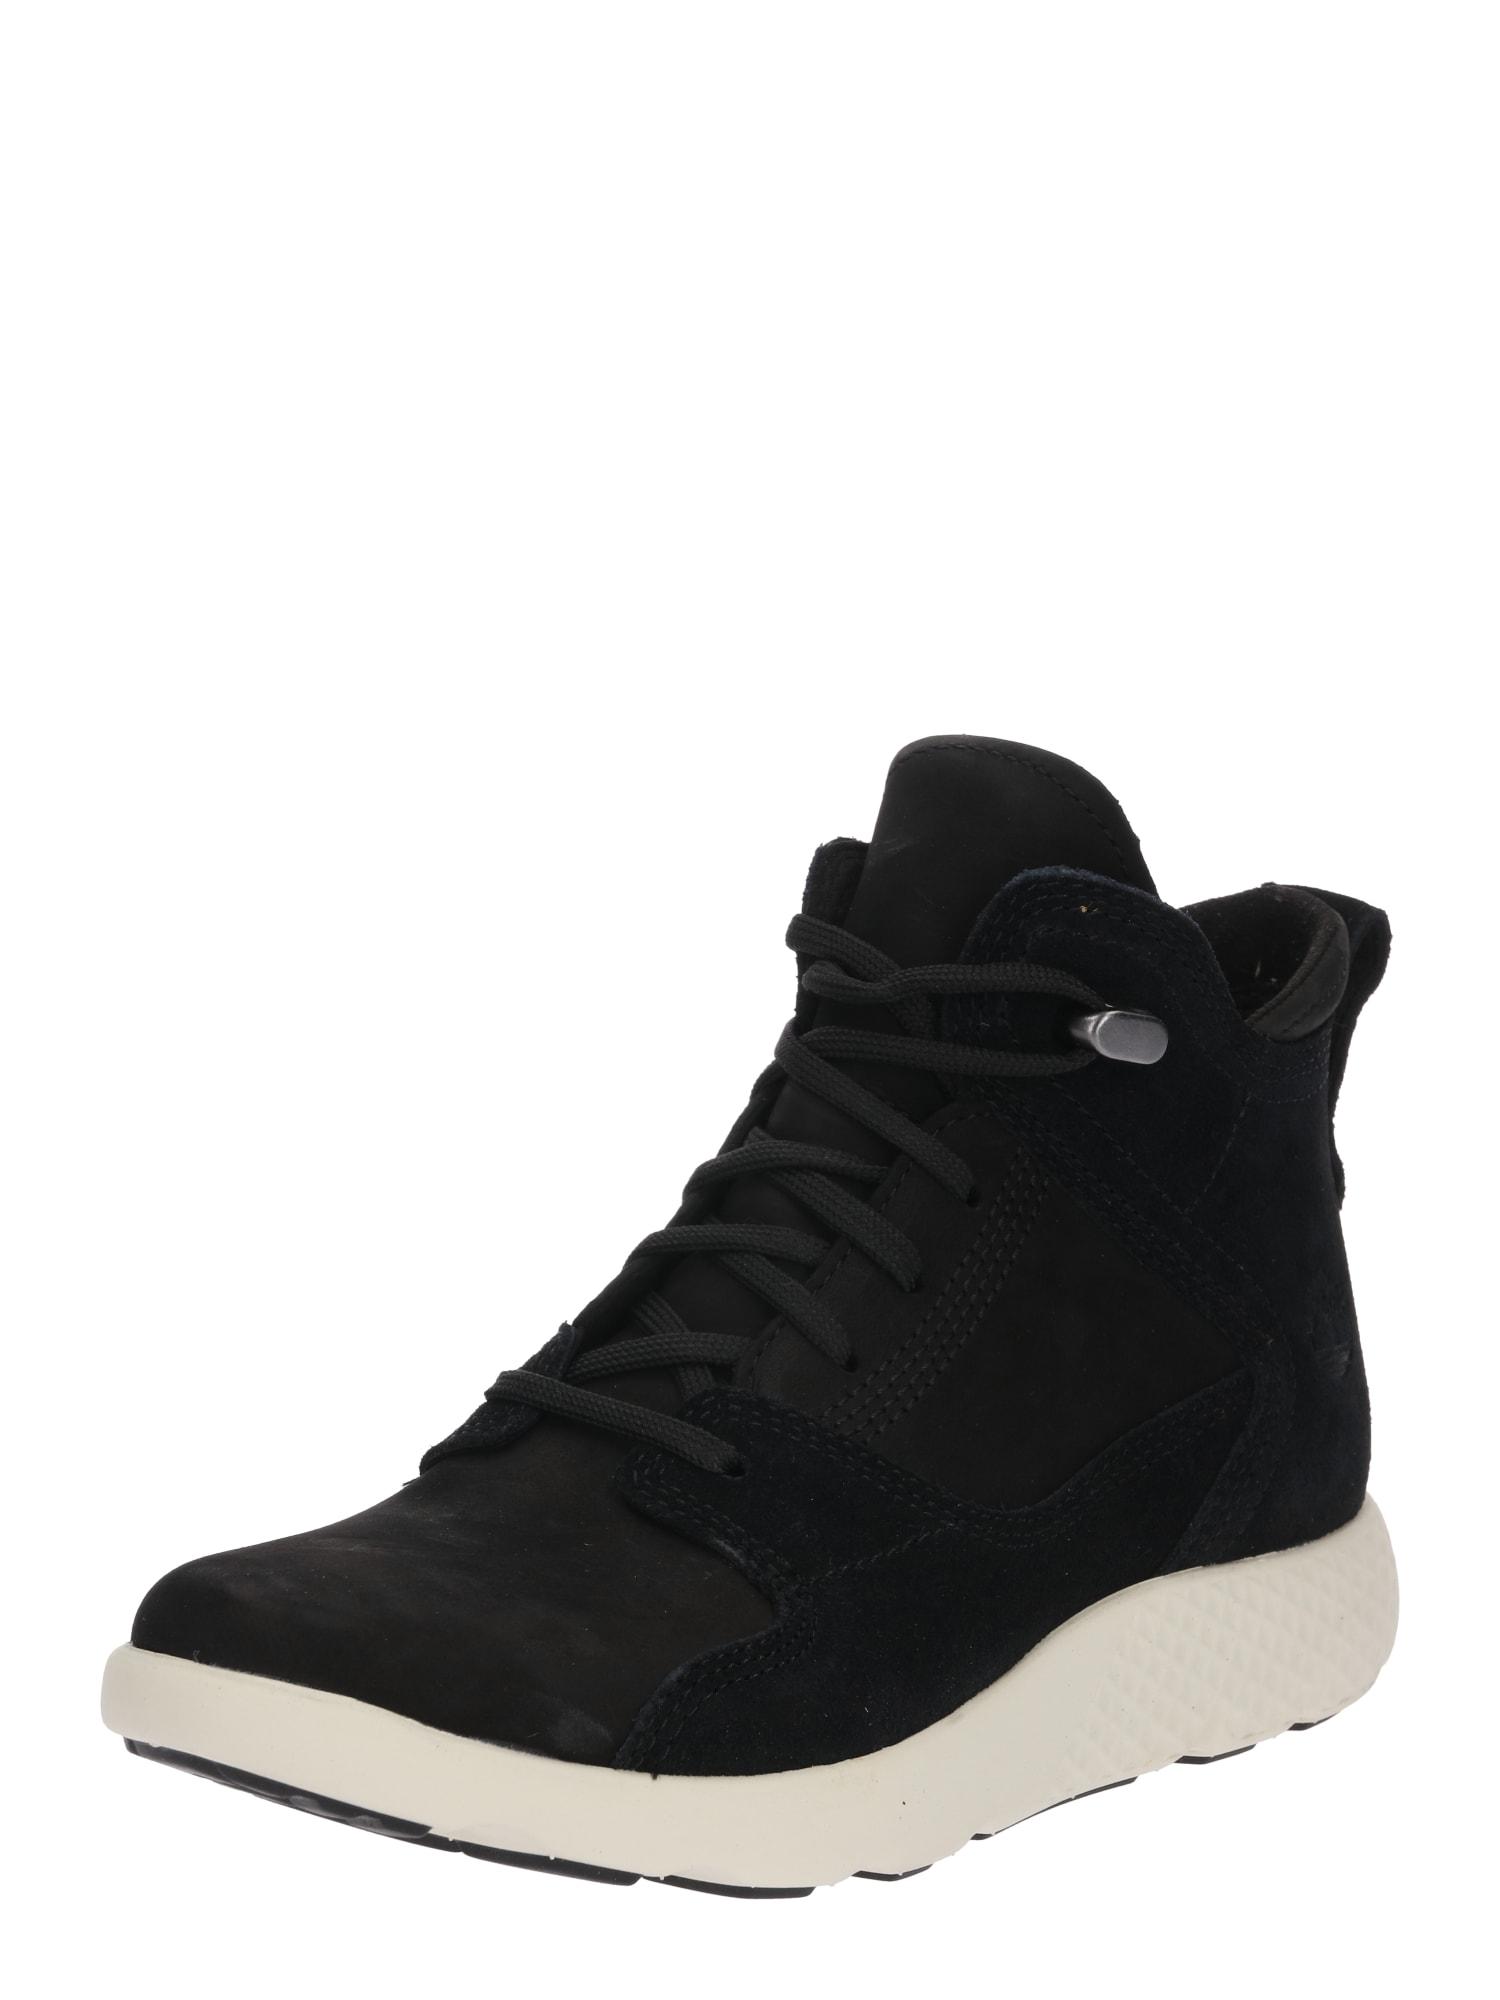 Šněrovací boty FlyRoam Hiker černá TIMBERLAND